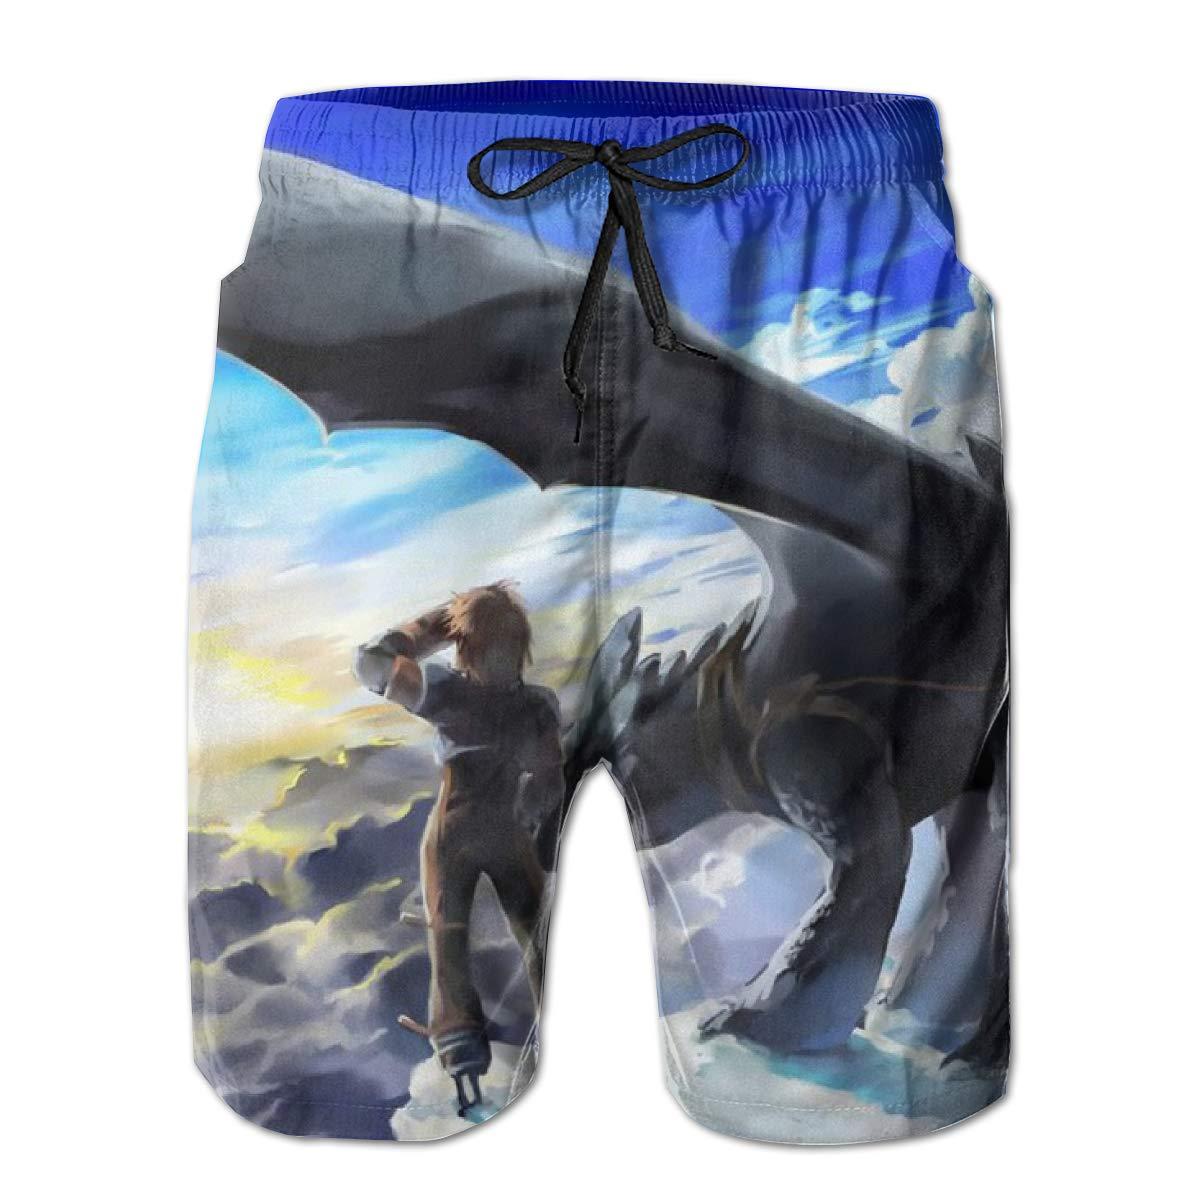 Mens Casual Hawaiian Swim Trunks Printed Board Shorts Sports Beachwear Pants